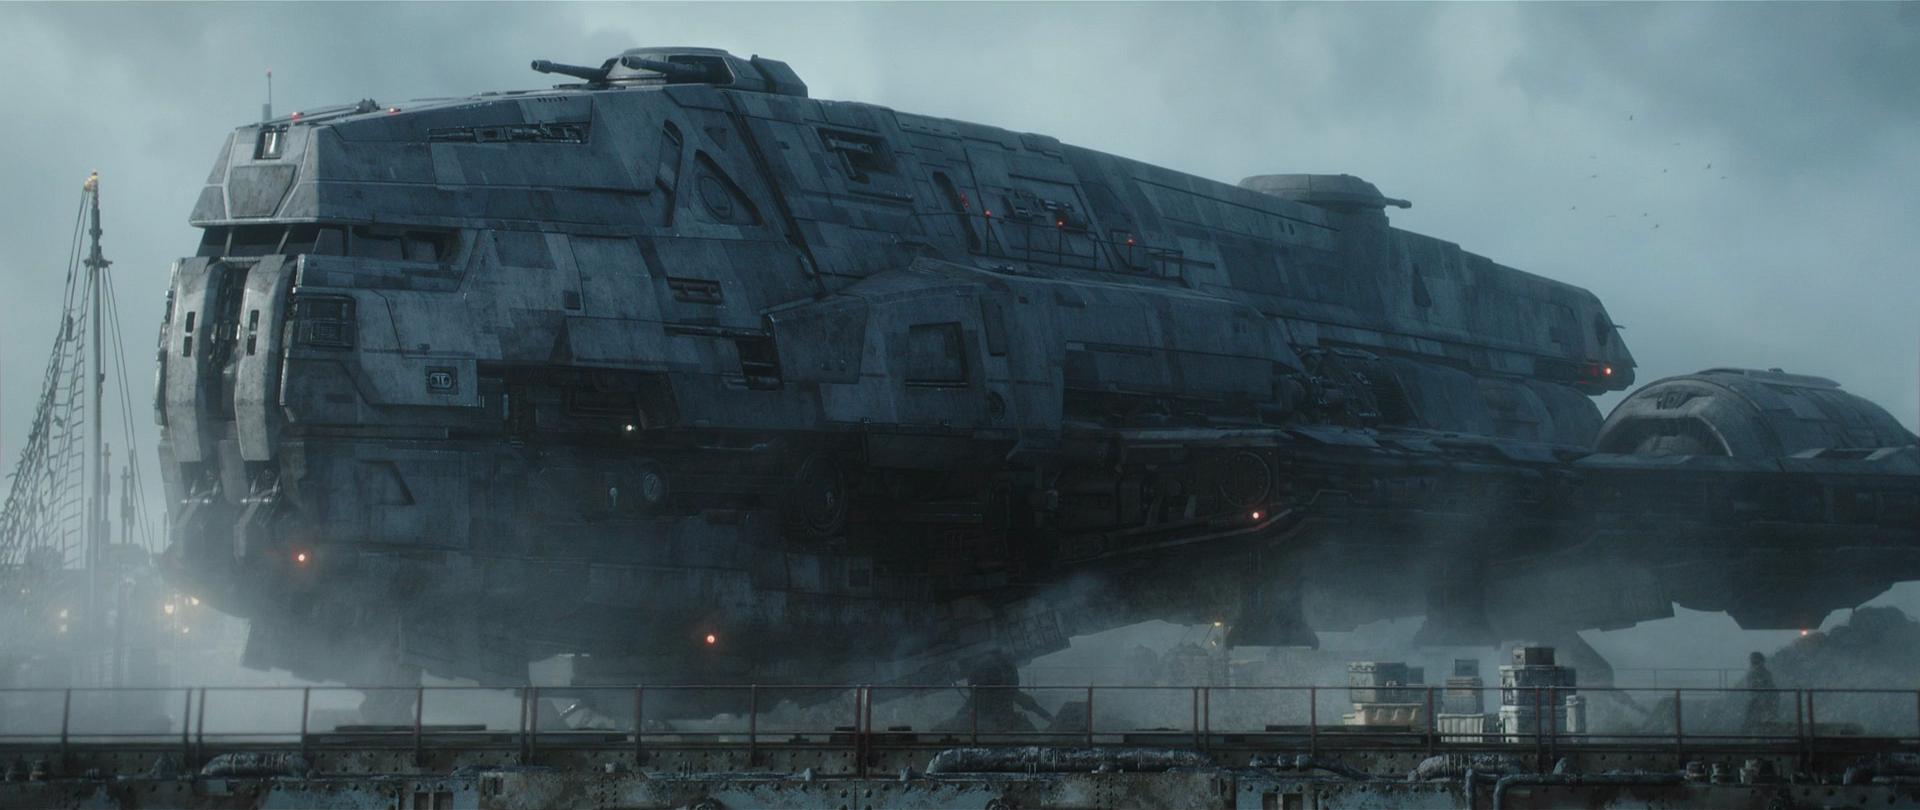 Imperial Gozanti-class cruiser